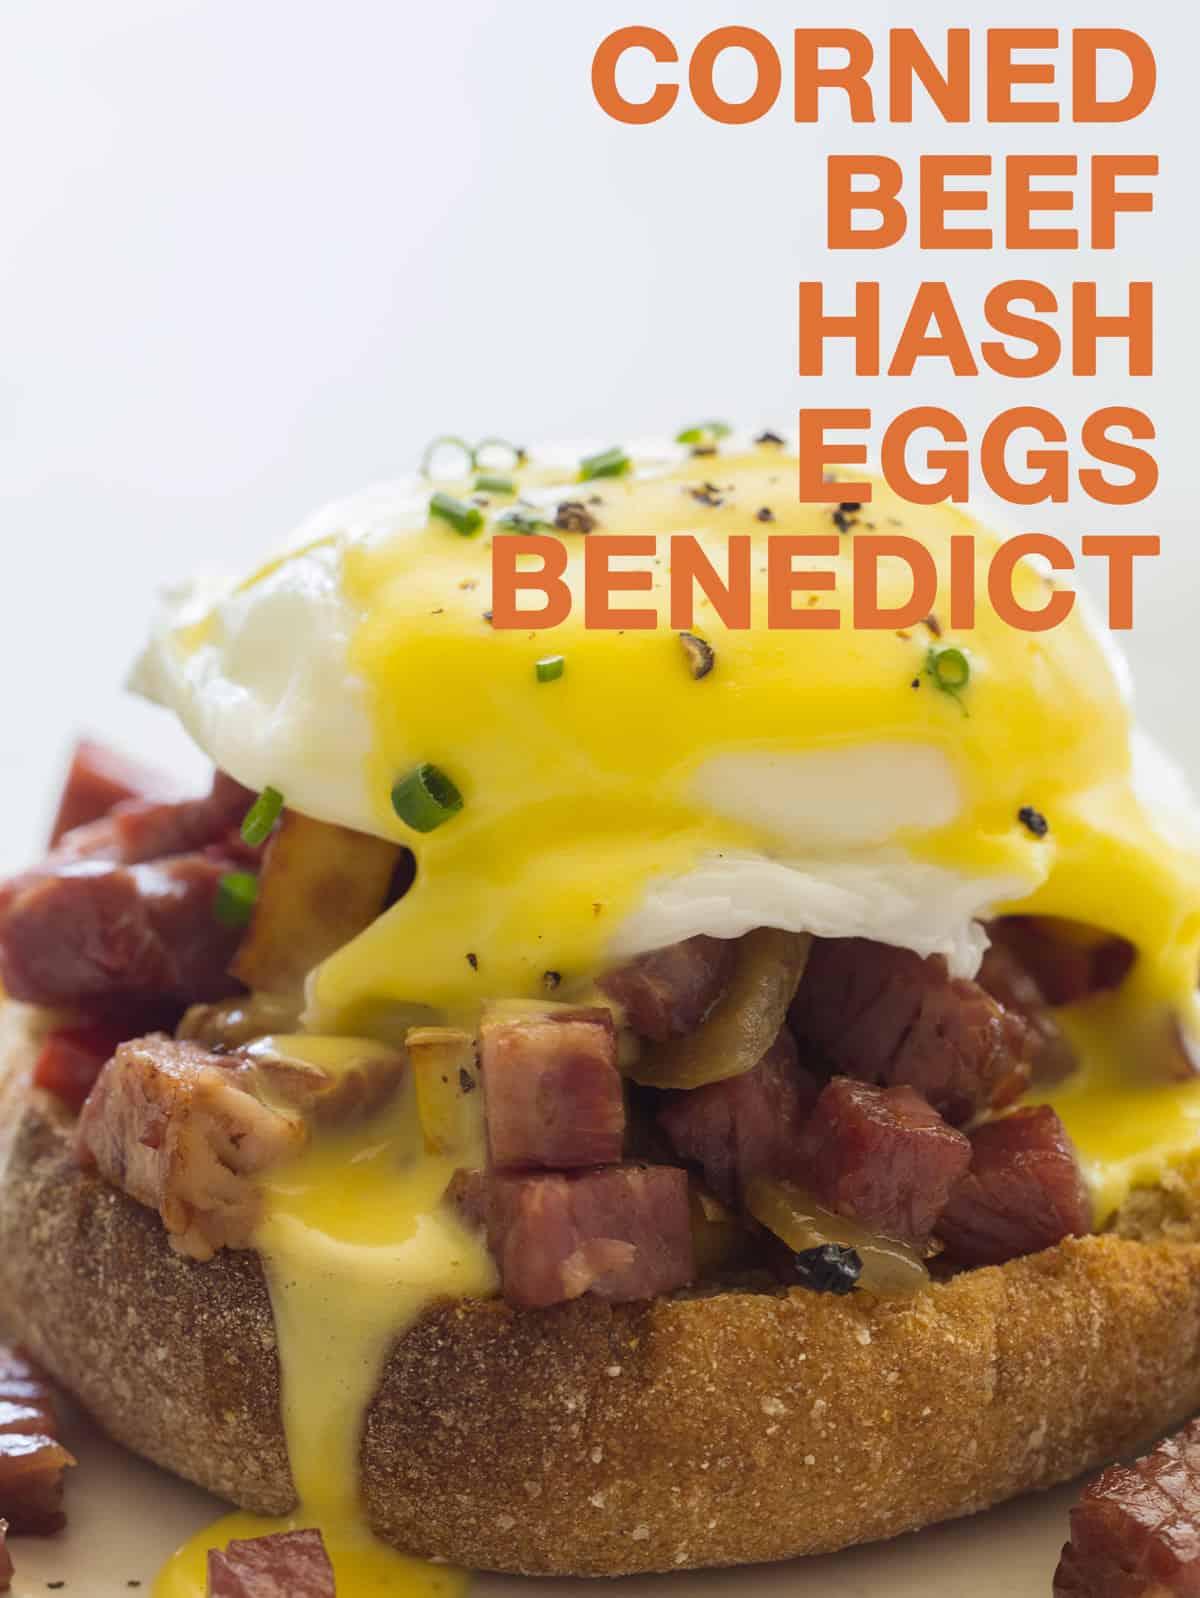 Corned Beef Hash Eggs Benedict   Breakfast recipe   Spoon Fork Bacon